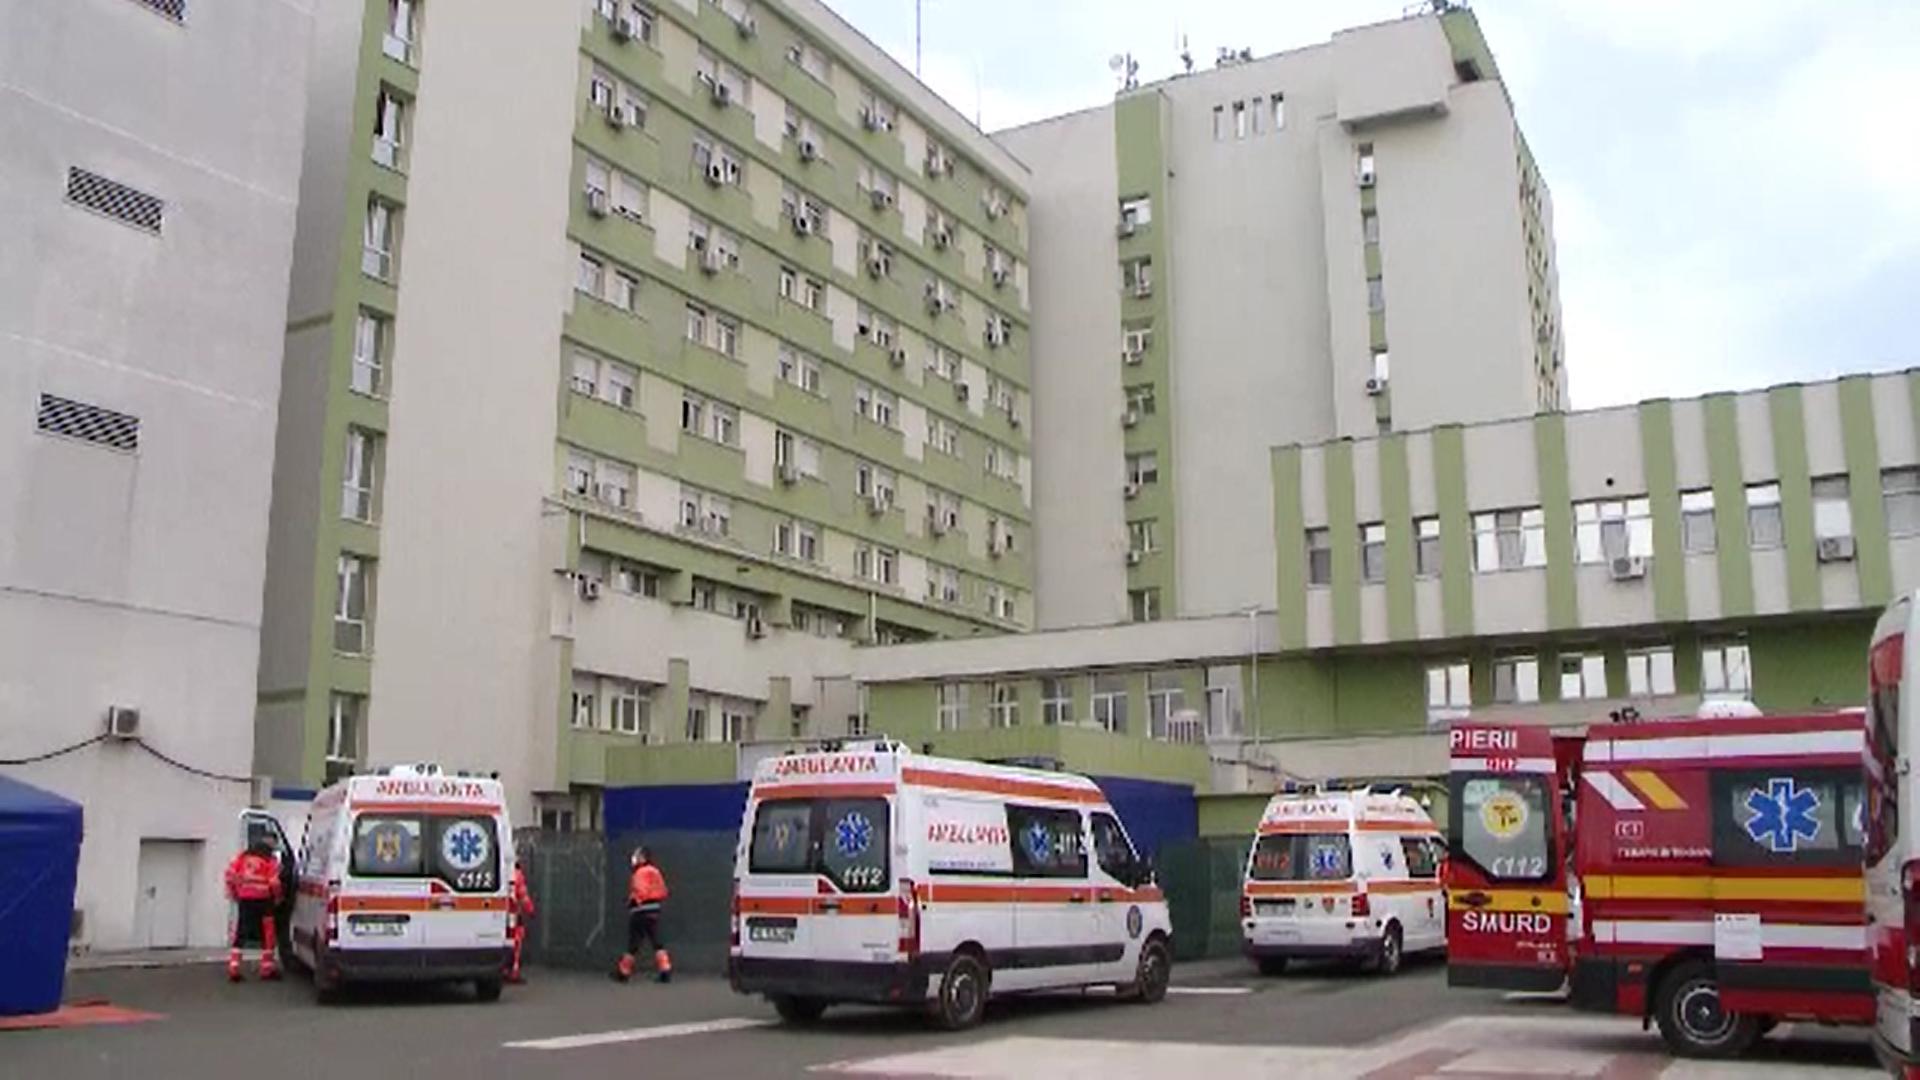 Medic de 28 de ani de la SJ Timişoara, găsit mort în propria casă. Surse medicale spun că s-a sinucis